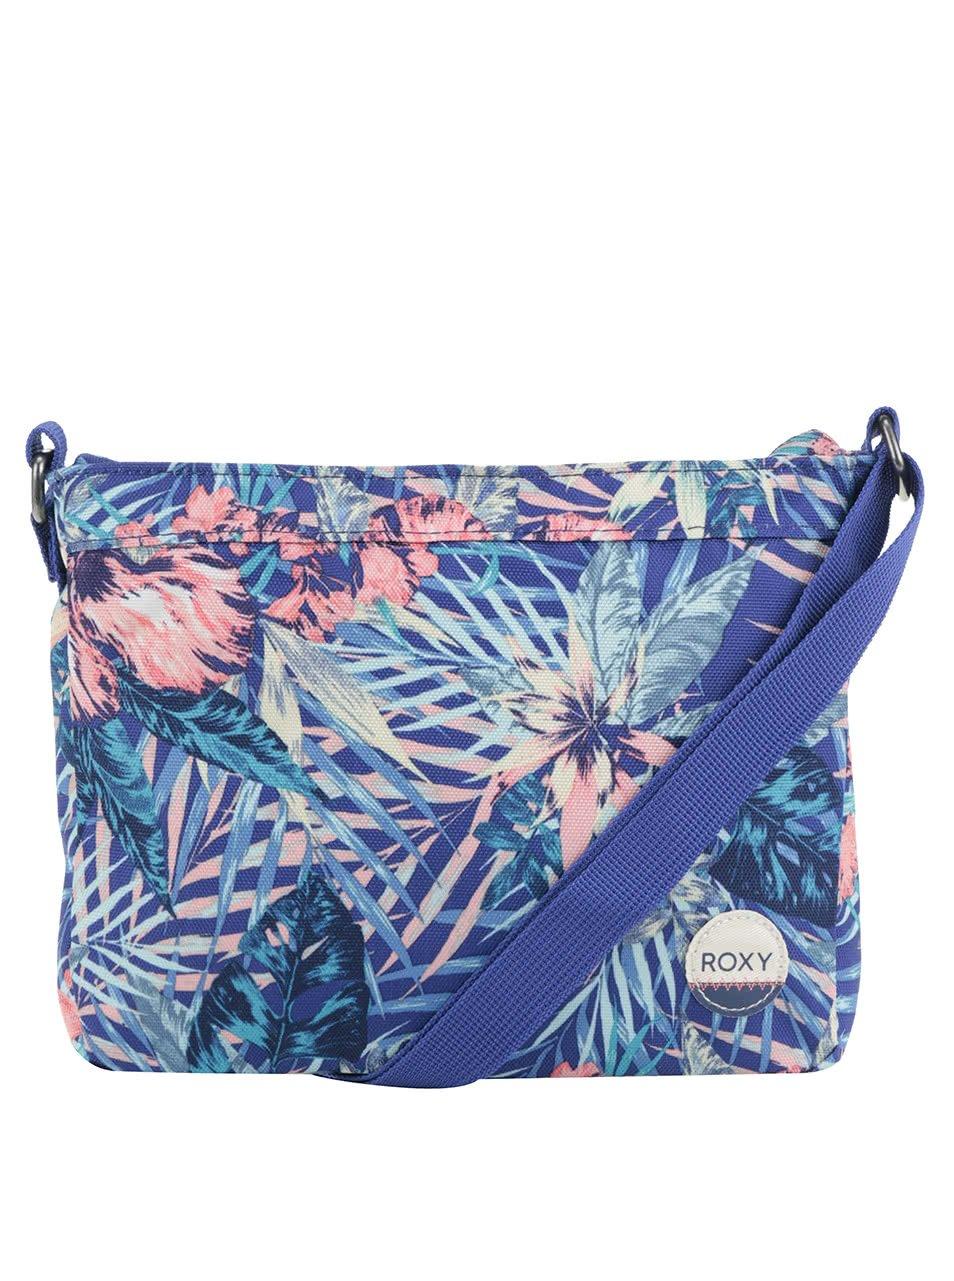 Modrá crossbody kabelka s tropickým vzorem Roxy Sunday